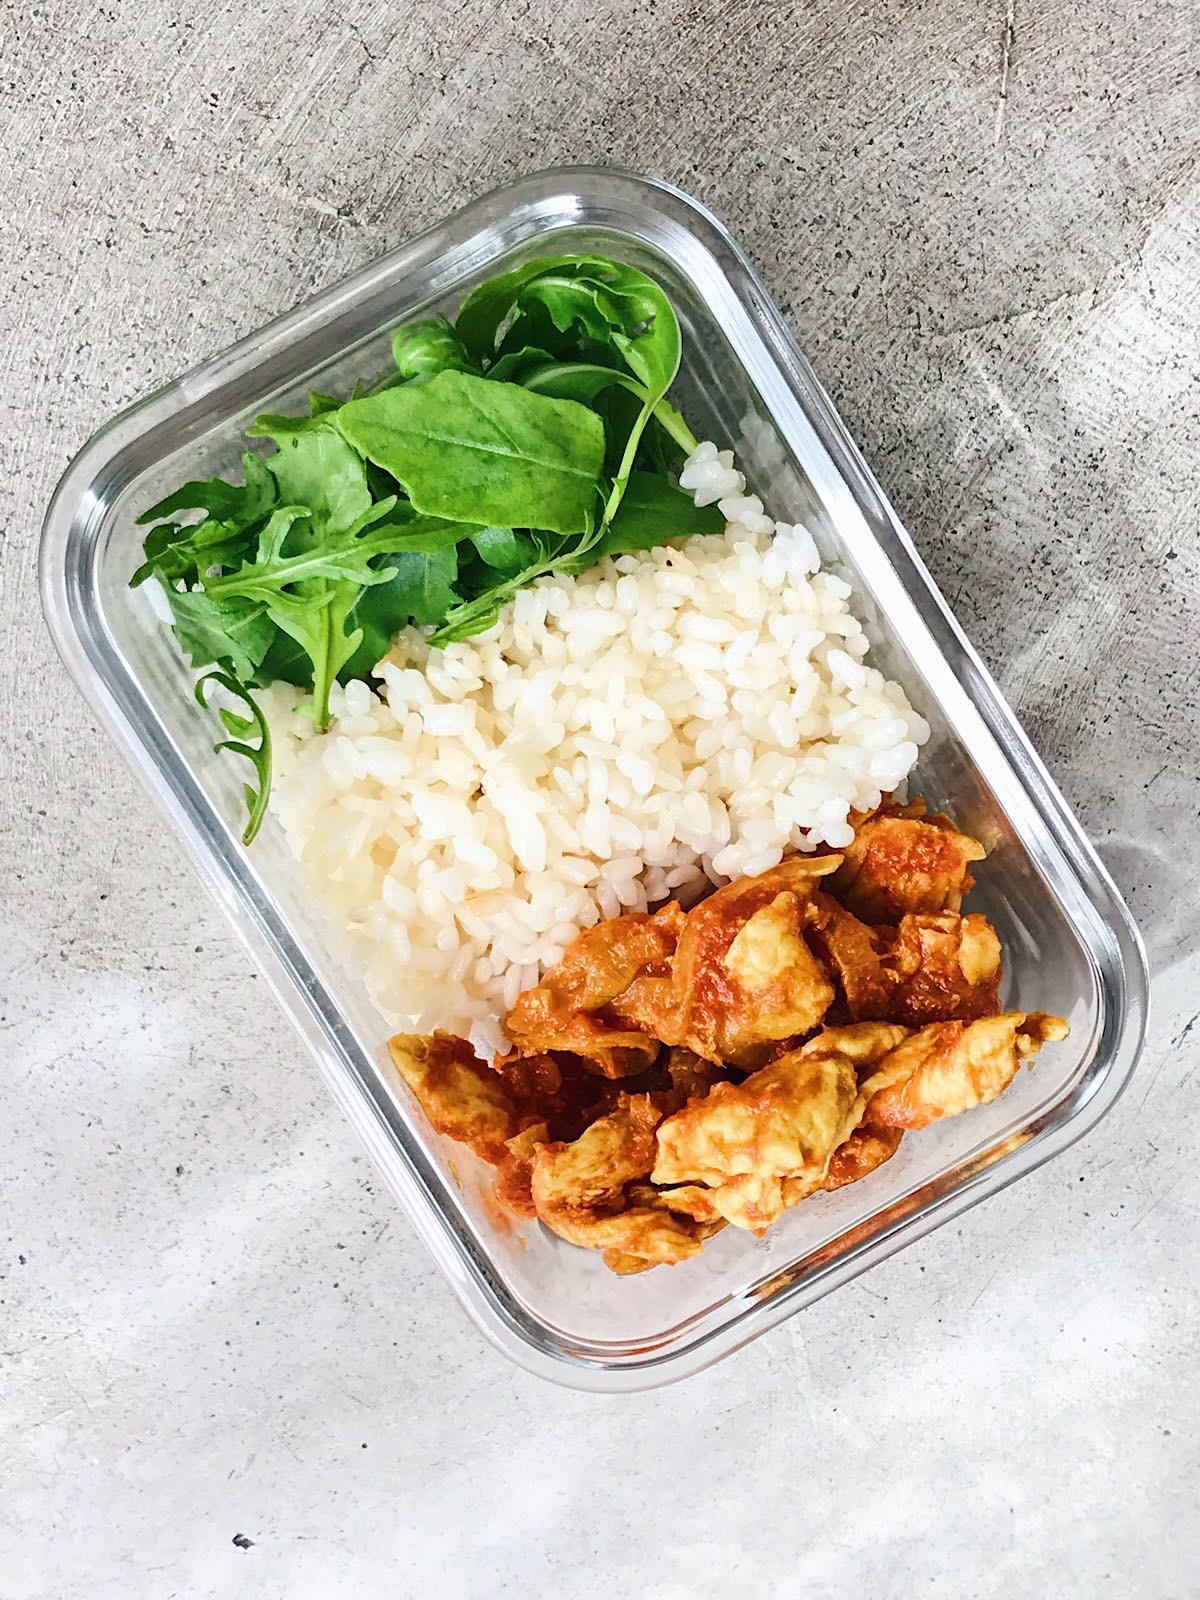 Cuánto dura la comida en el refrigerador